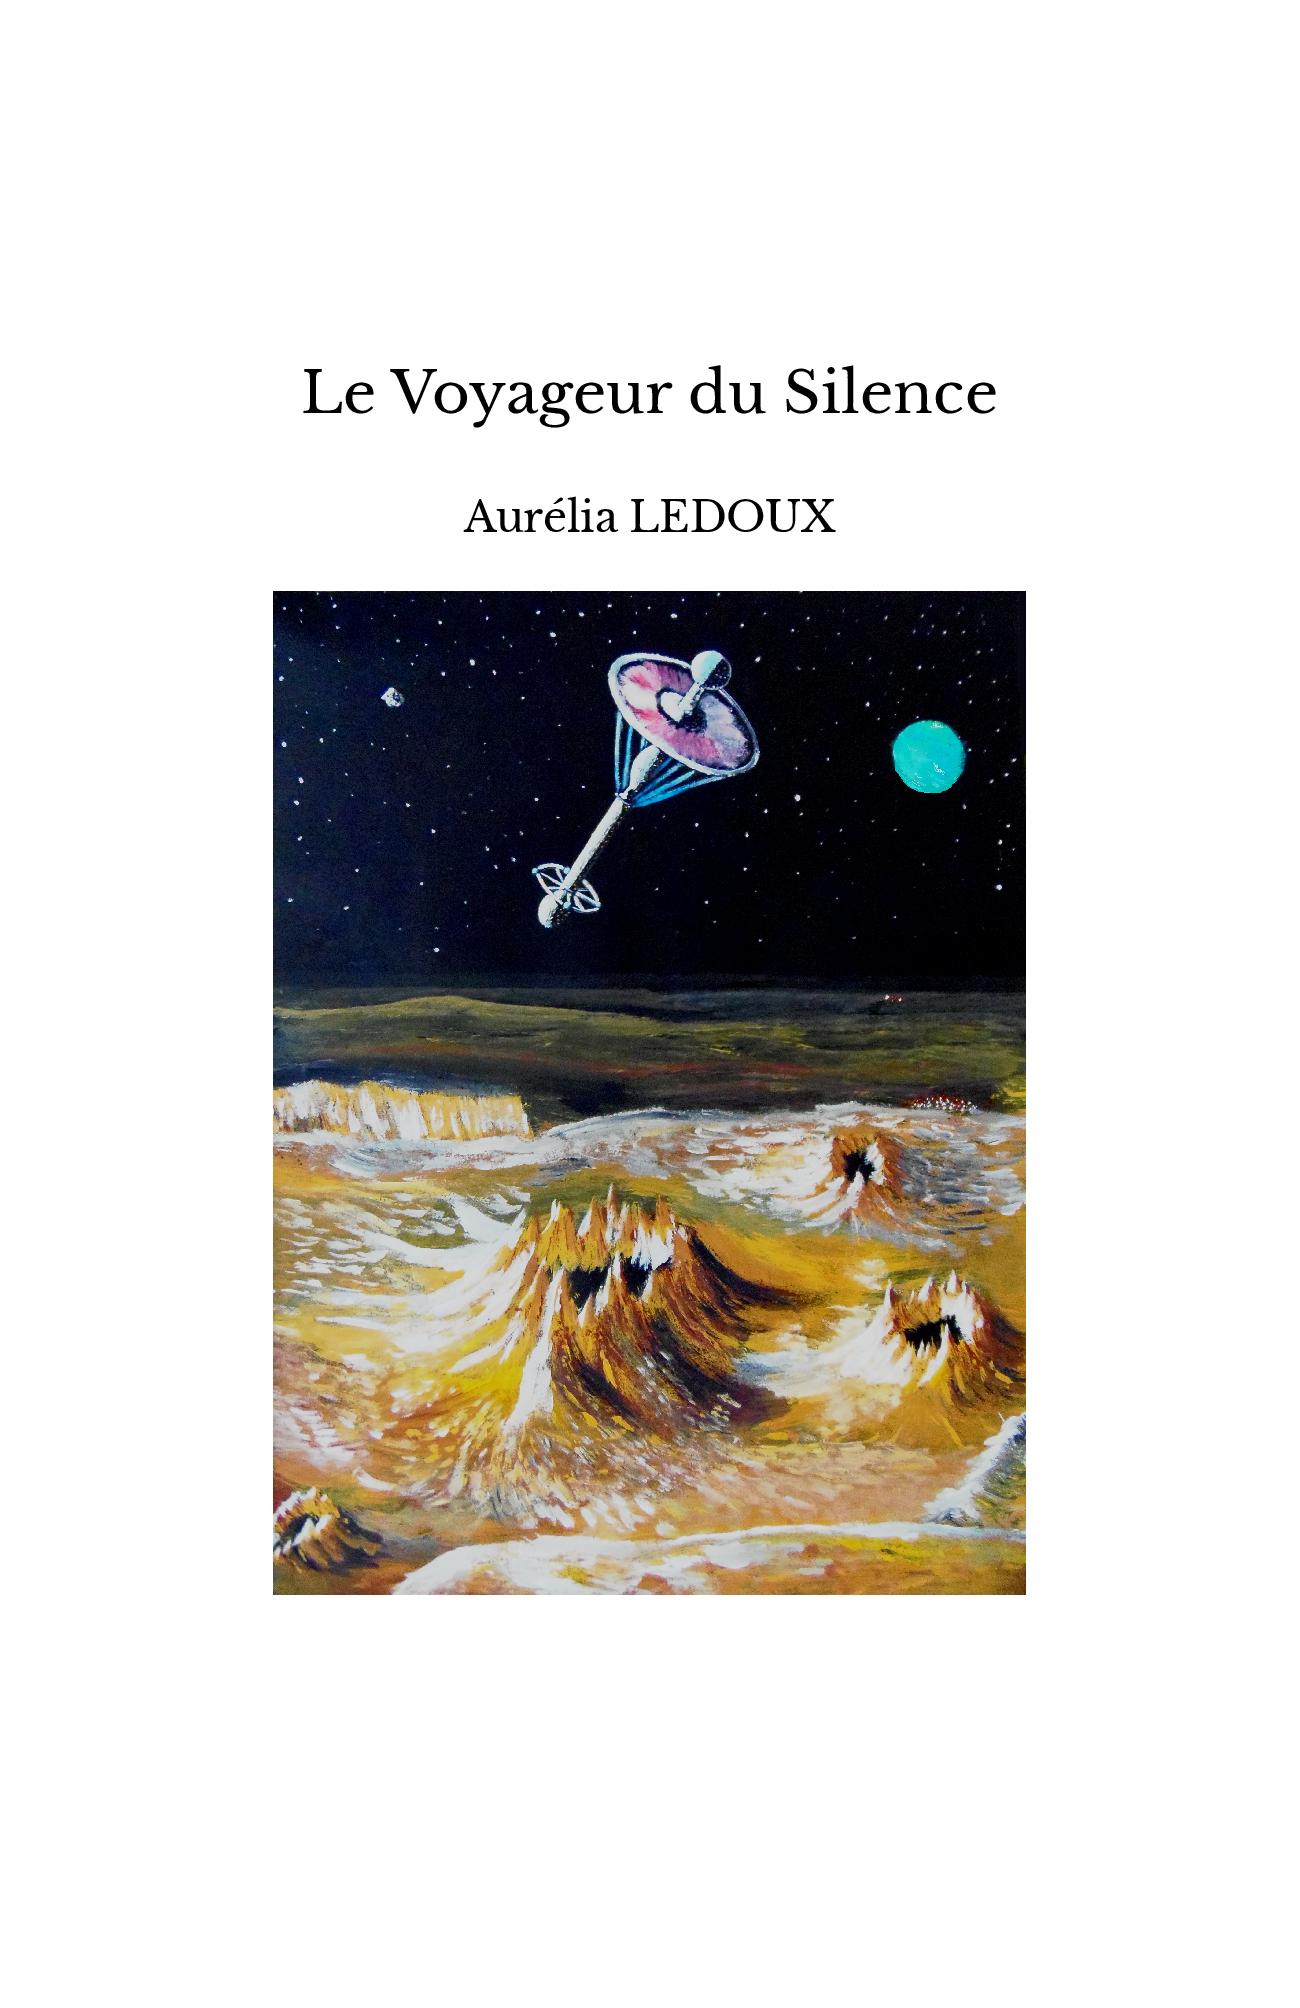 Le Voyageur du Silence